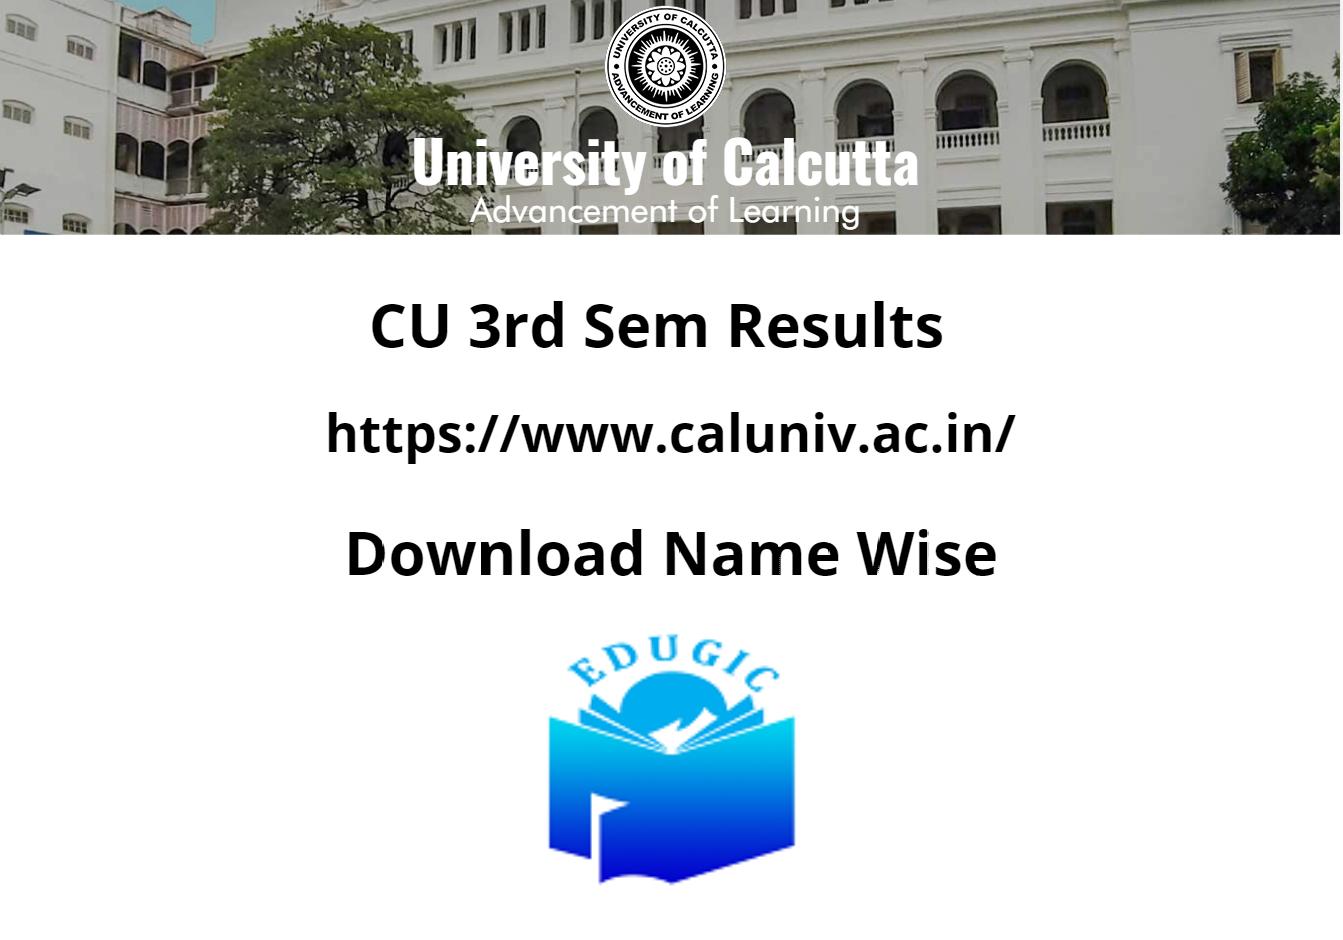 CU 3rd Sem Results 2021